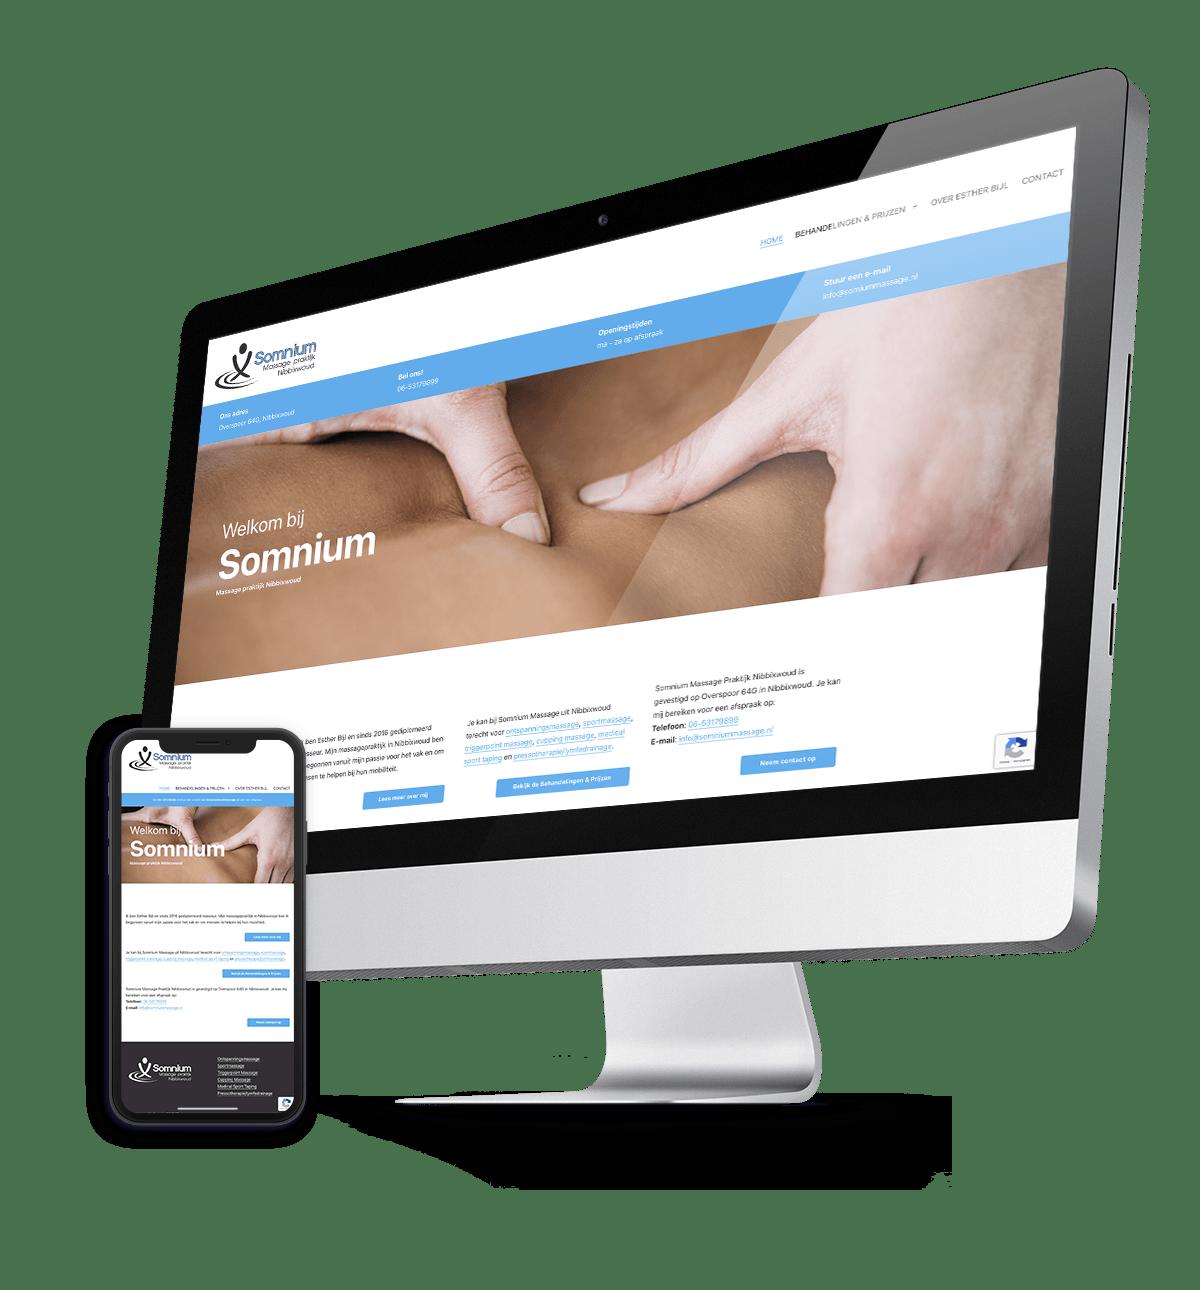 Somnium Massage Praktijk Nibbixwoud, website online in 1 week tijd!